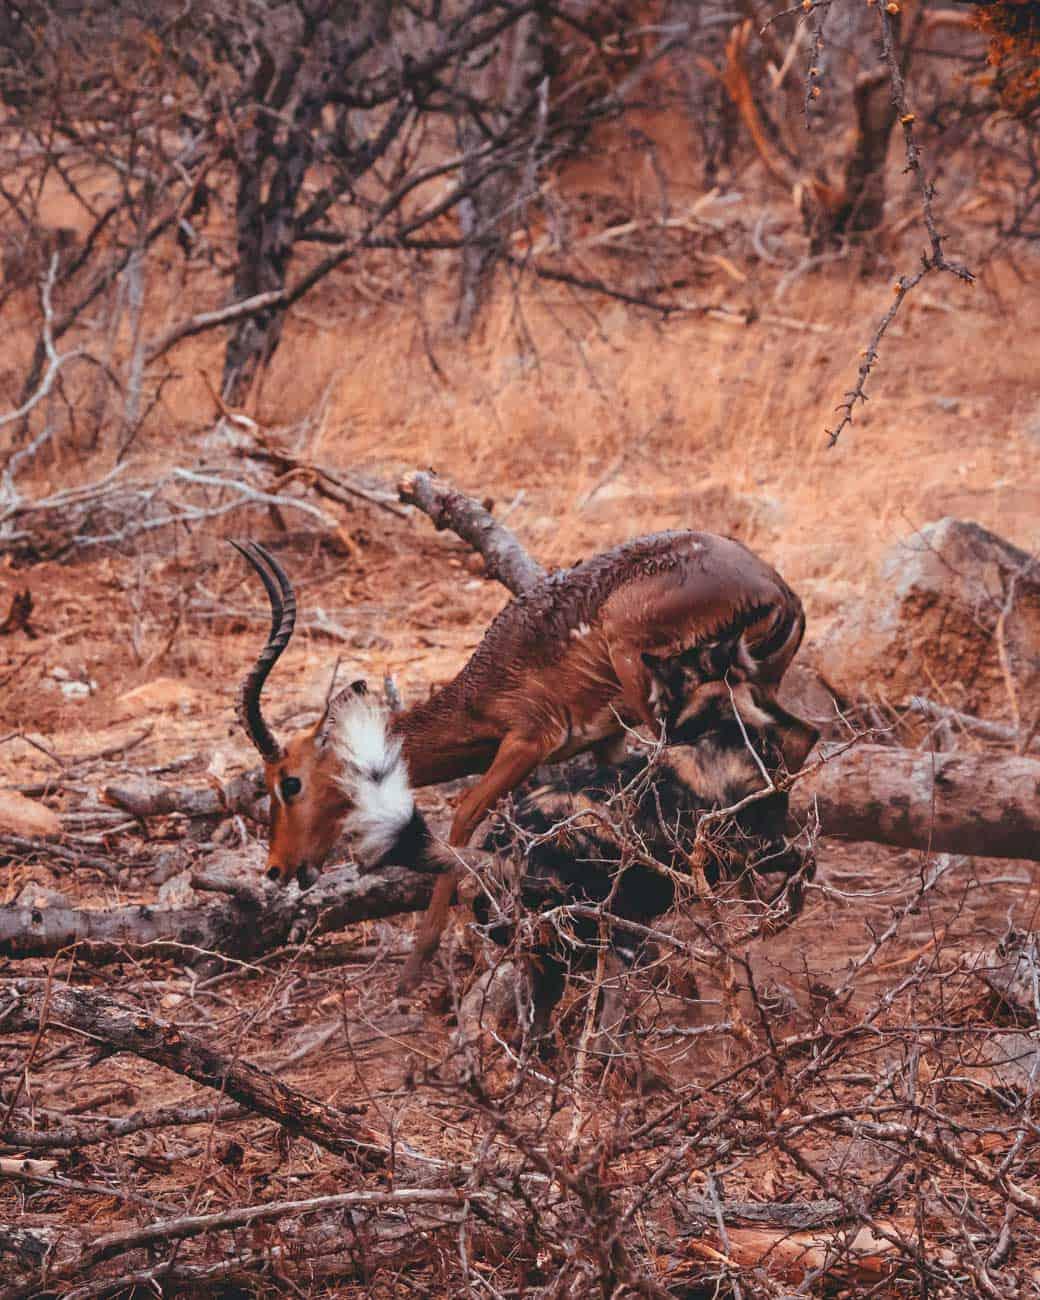 impala kill zild dogs